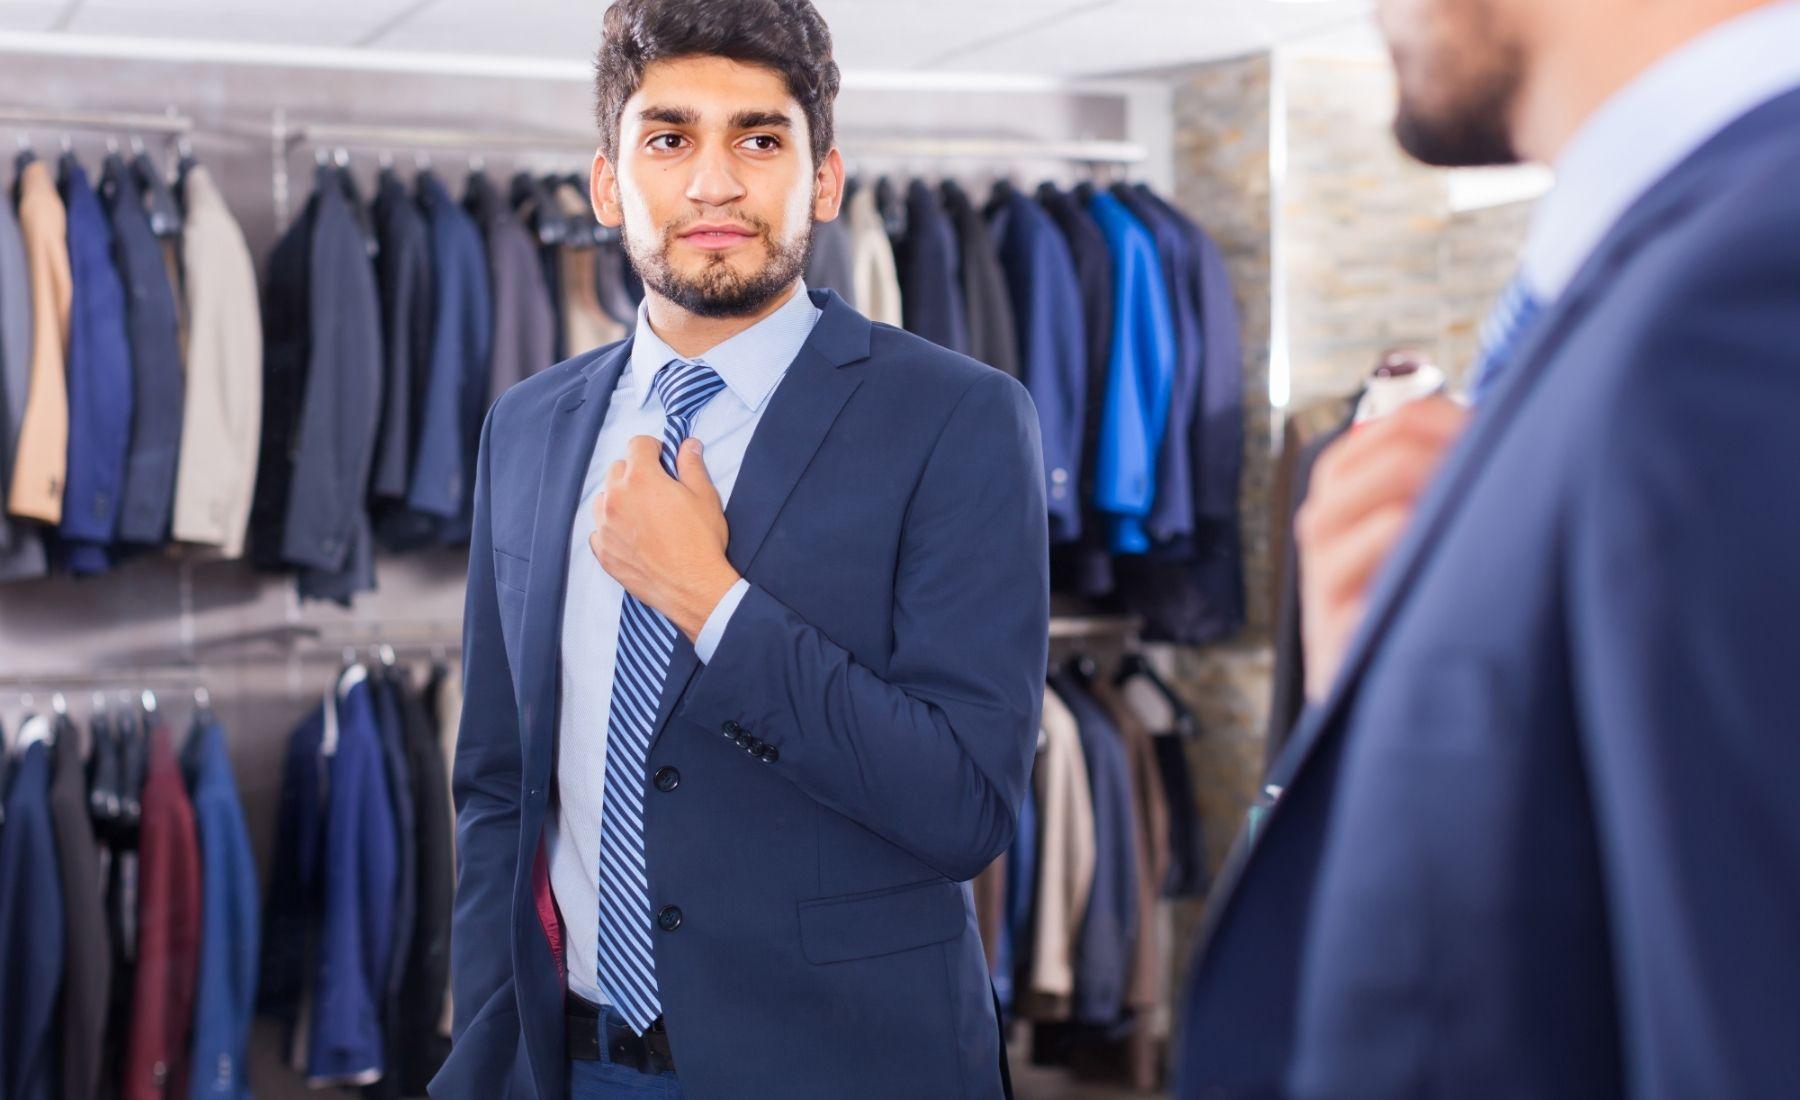 revender moda masculina